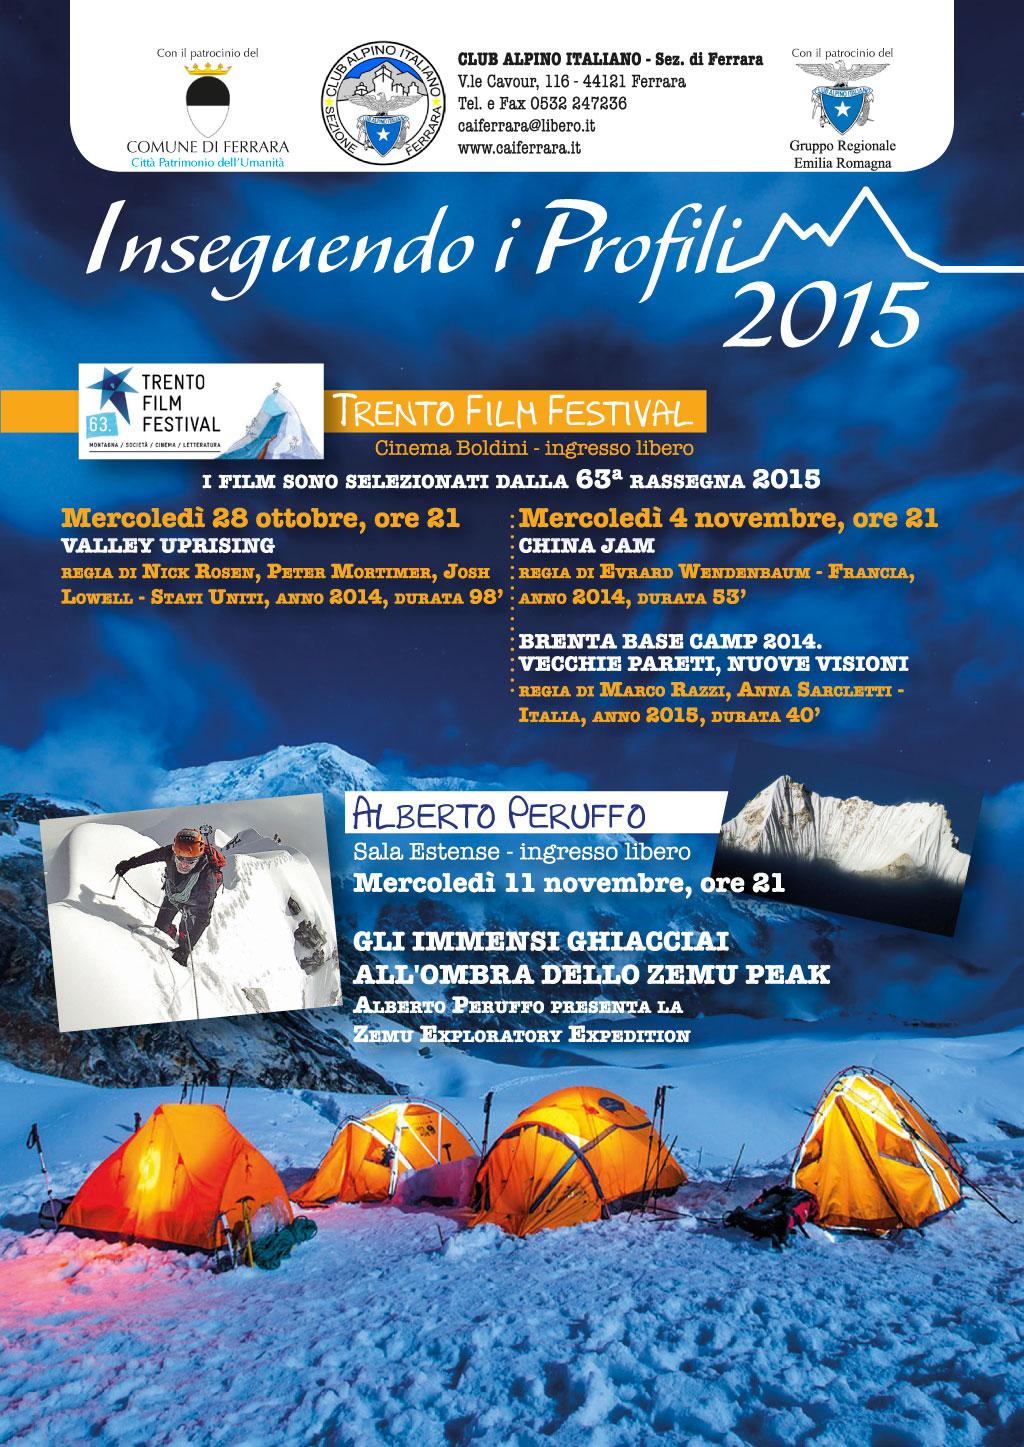 A5-Inseguendo-i-Profili_2015-1